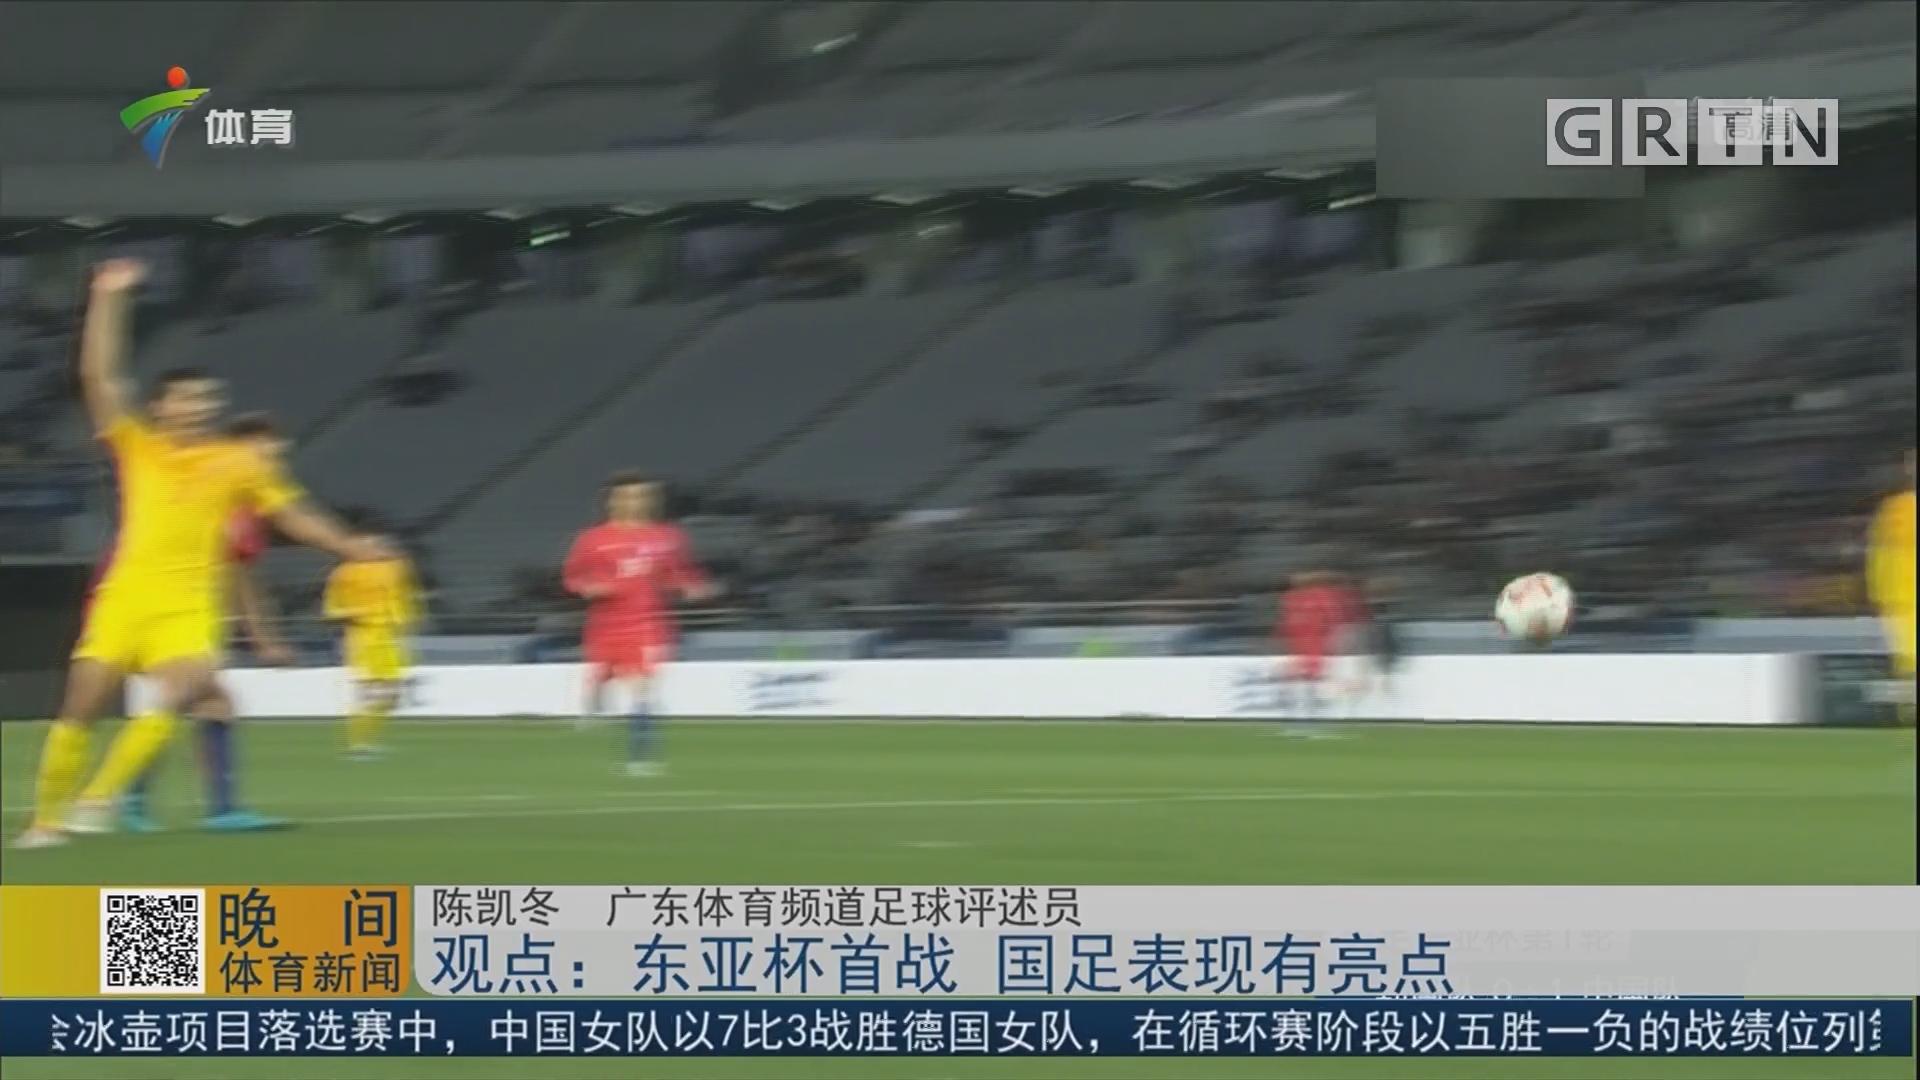 陈凯冬 观点:东亚杯首战 国足表现有亮点